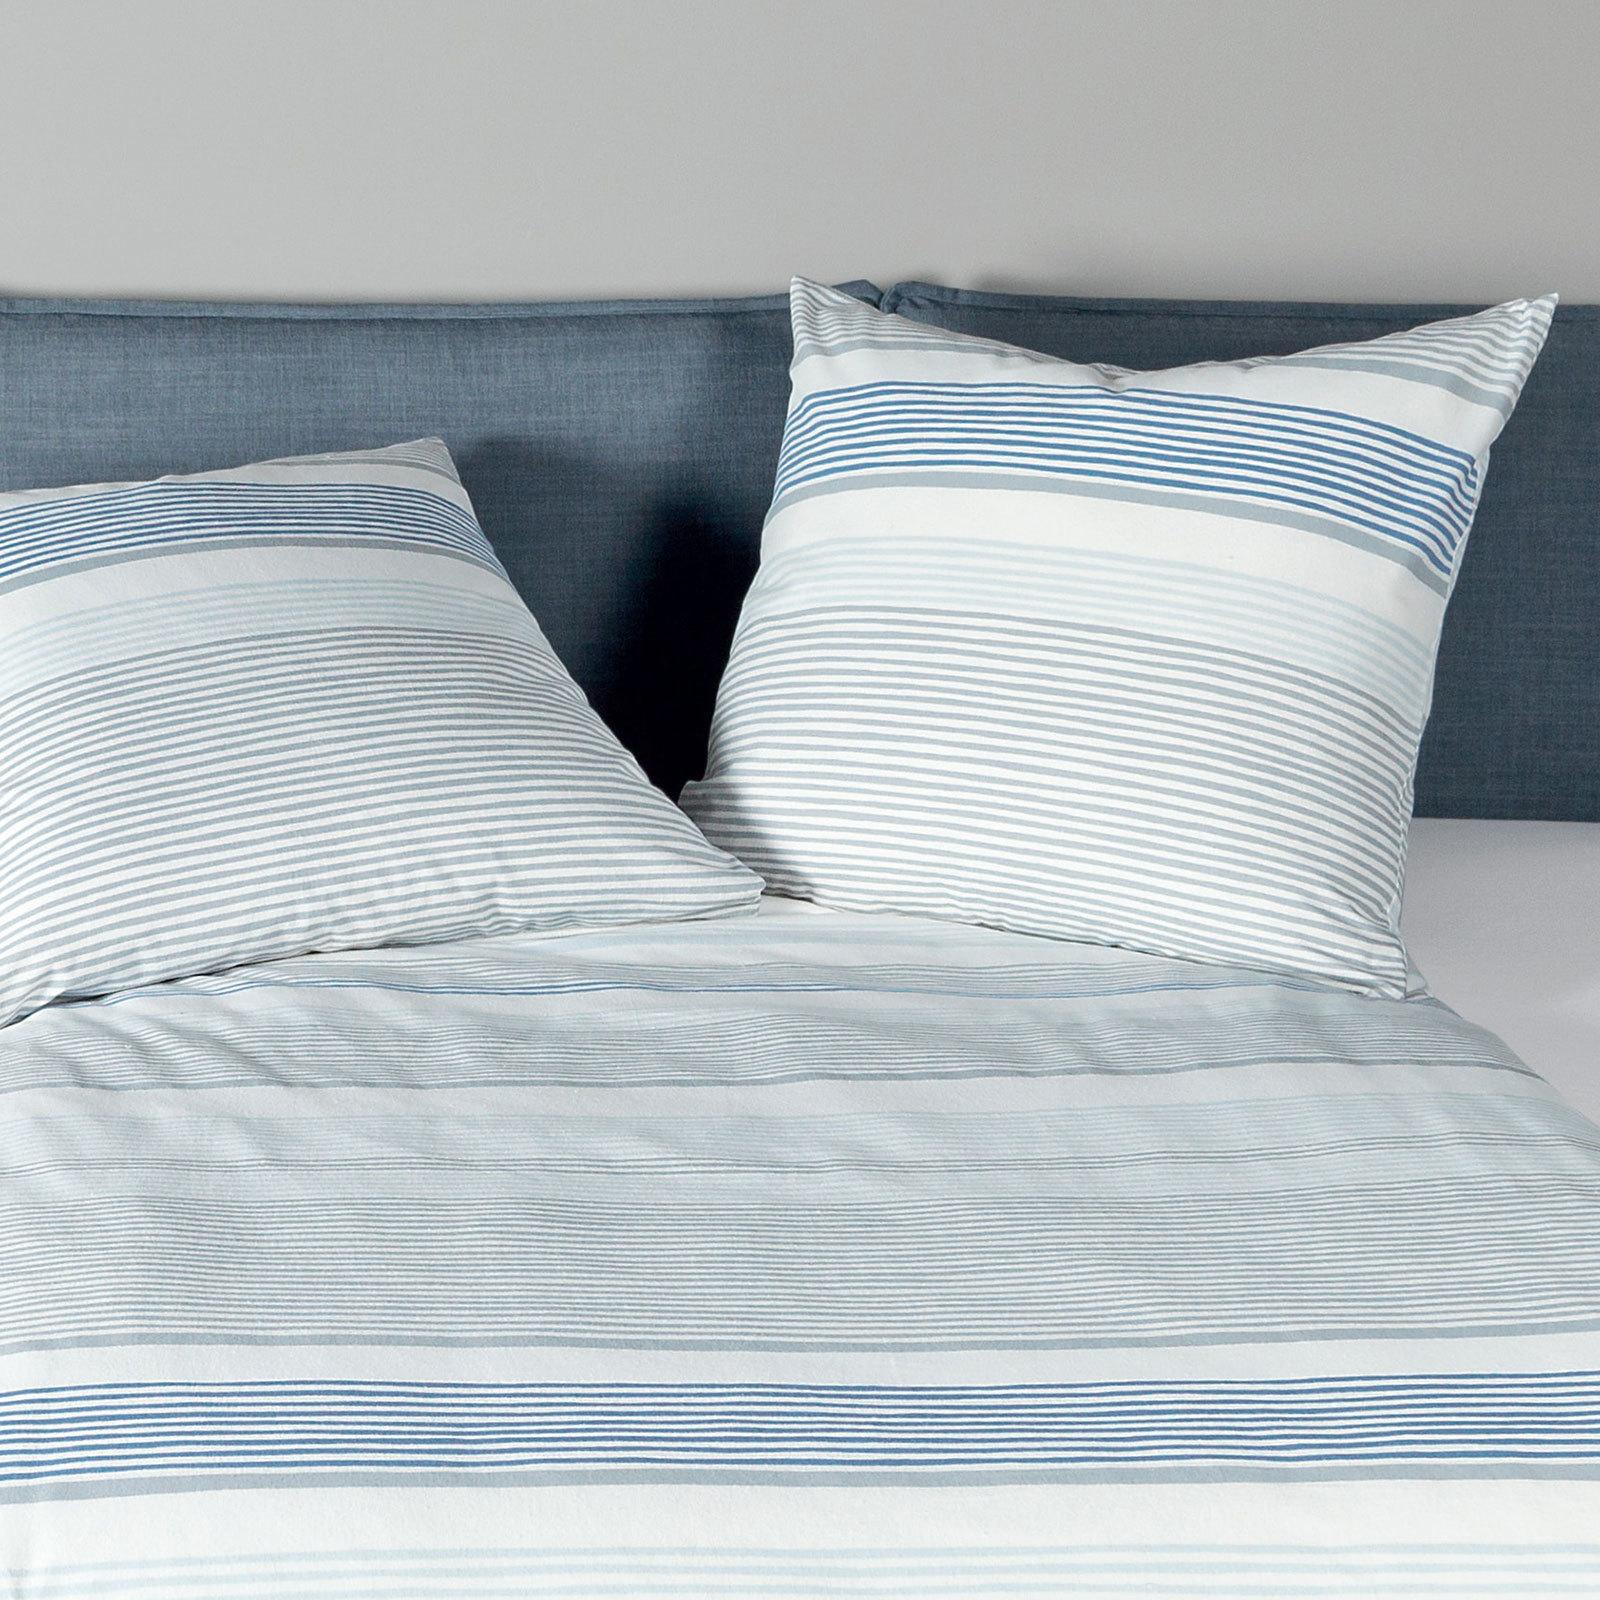 janine biber bettw sche davos 65045 02 blau g nstig online kaufen bei bettwaren shop. Black Bedroom Furniture Sets. Home Design Ideas